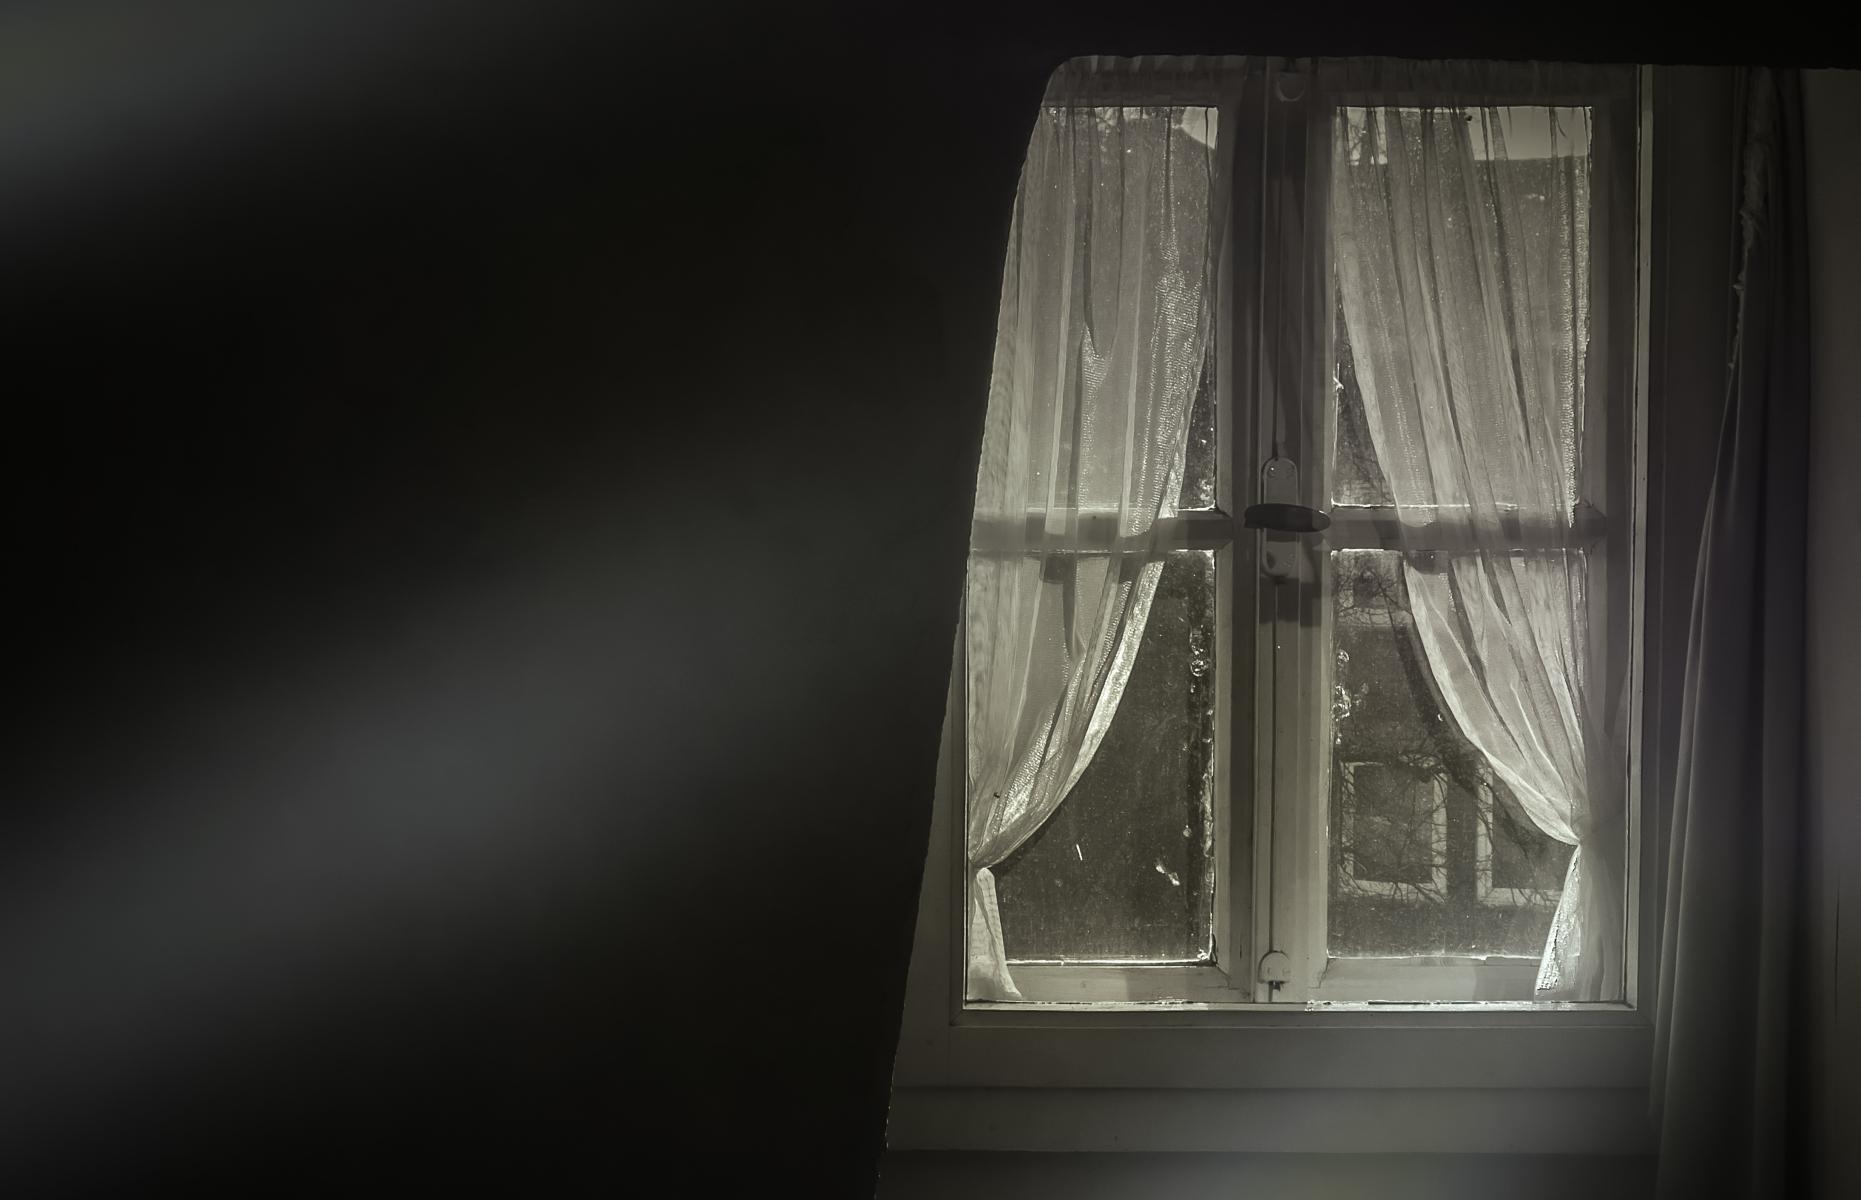 das-Fenster